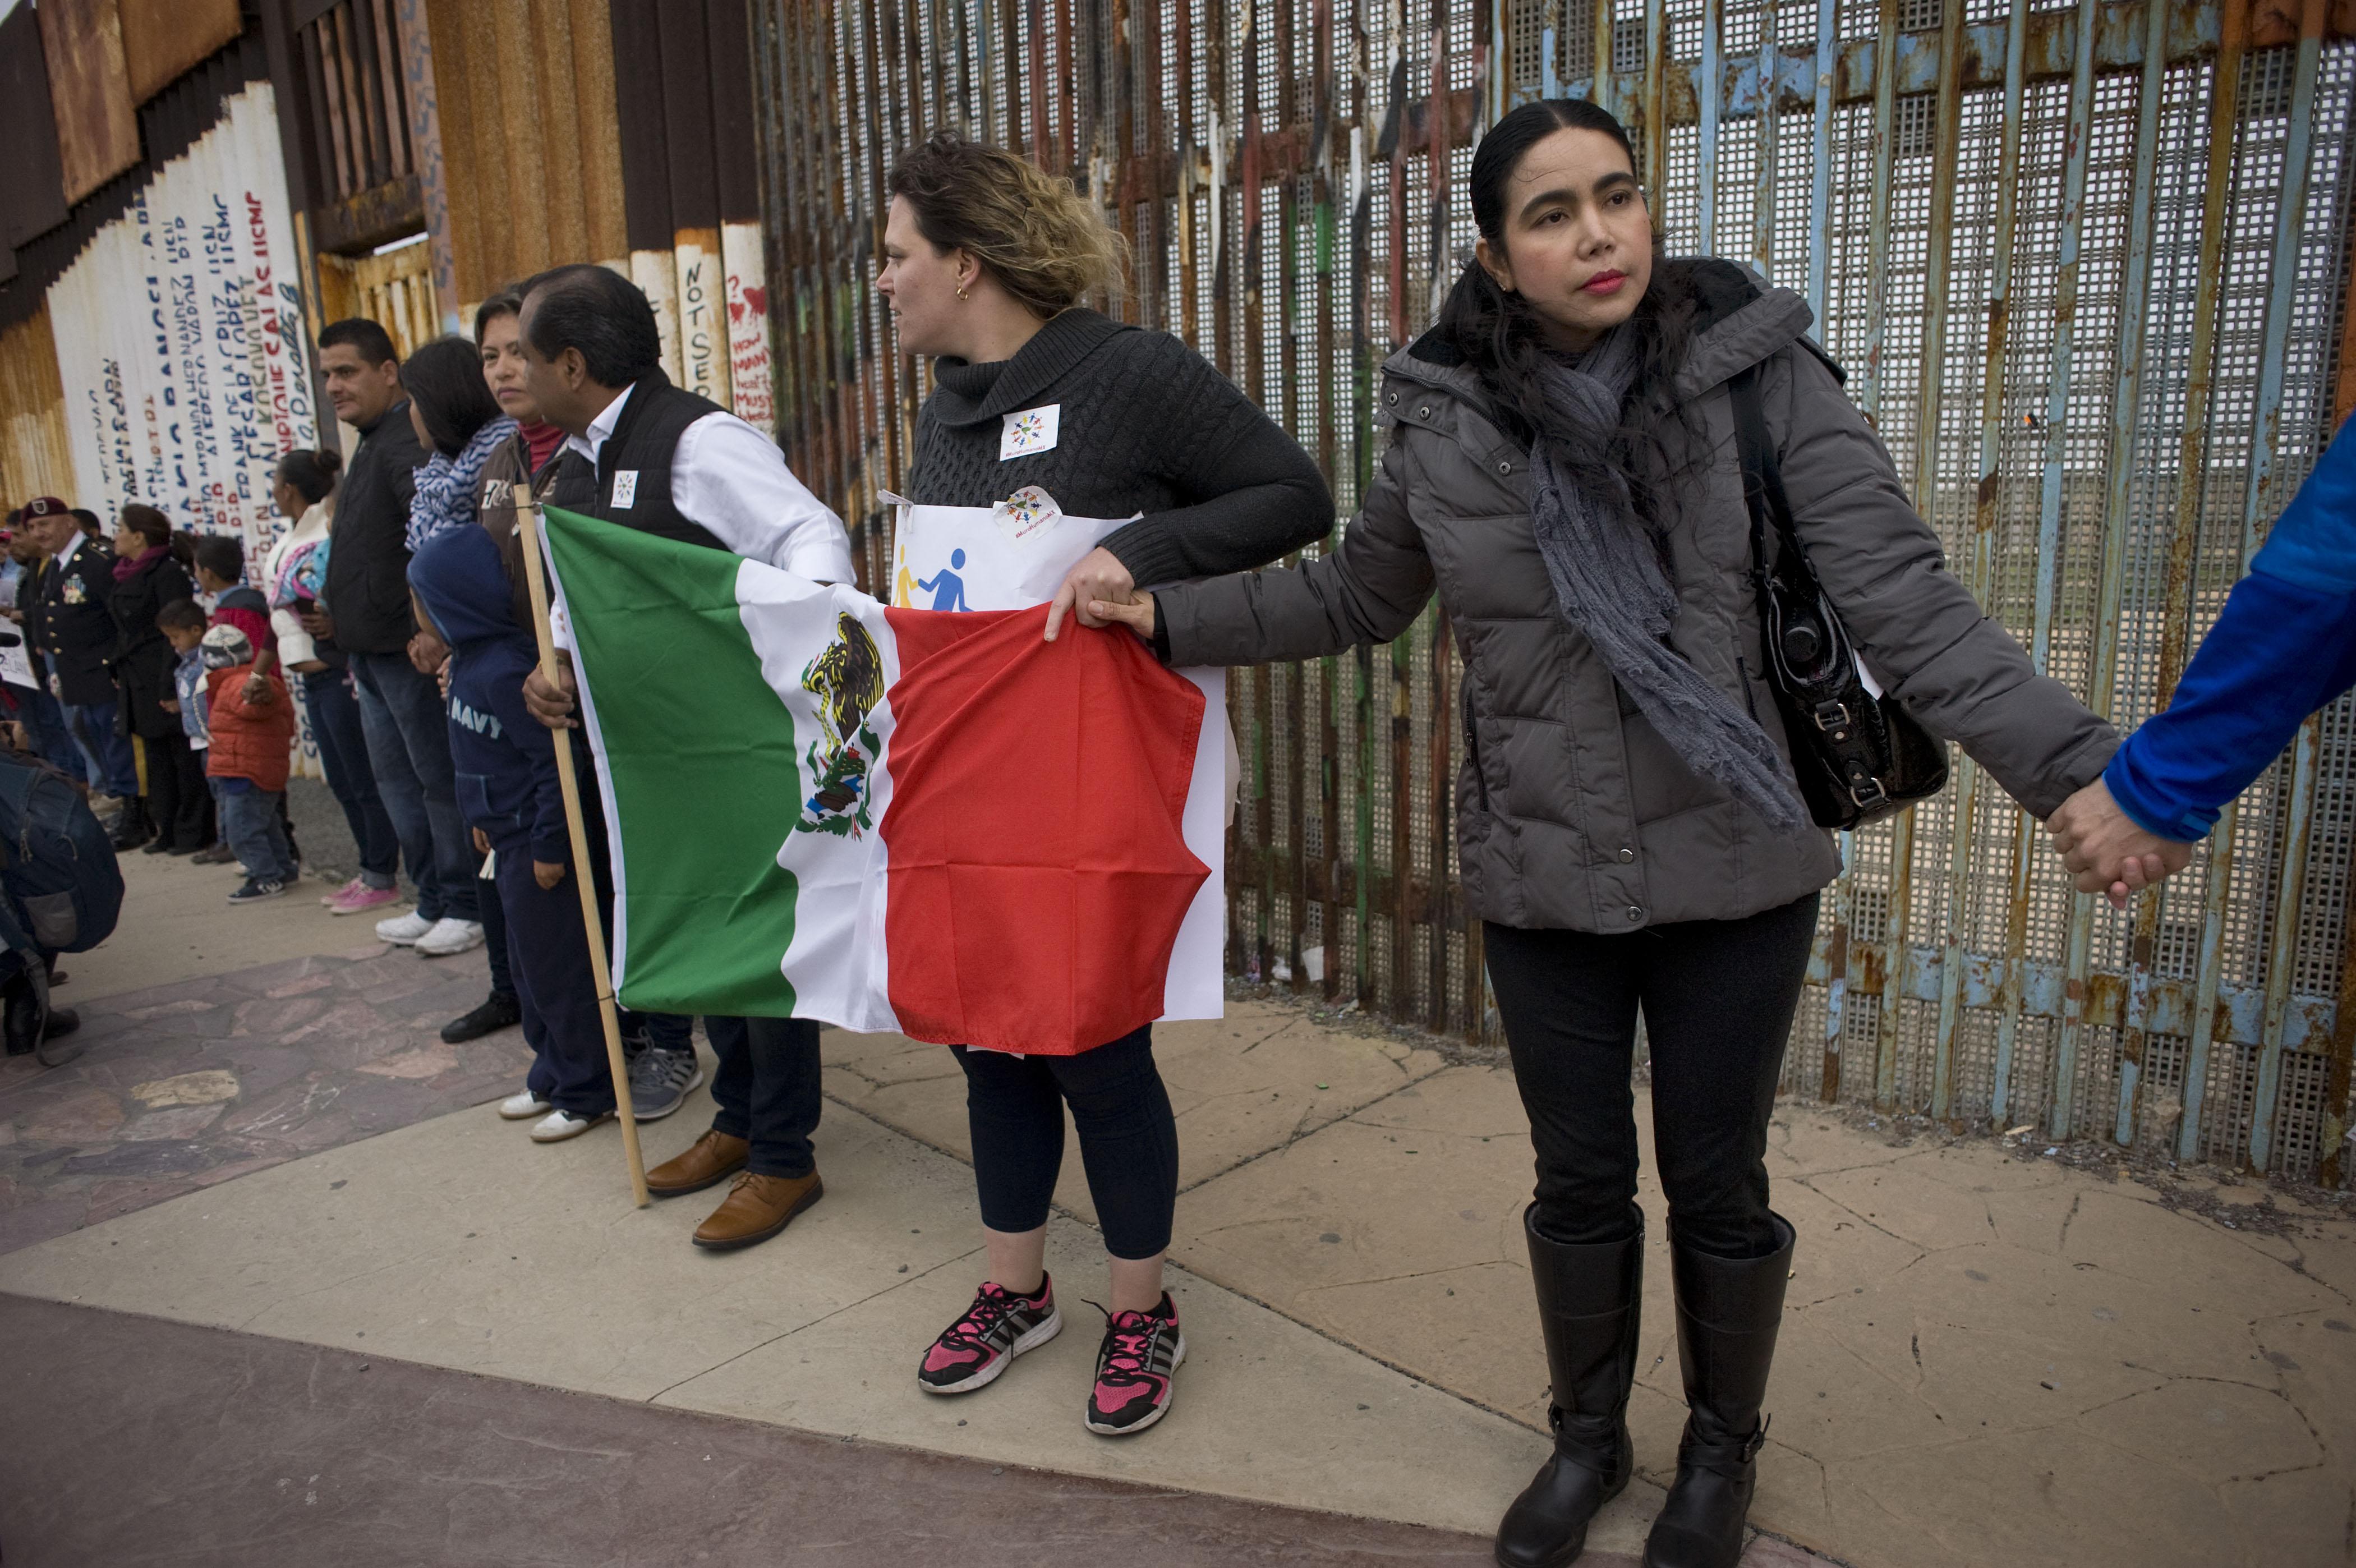 México incumple de forma habitual la obligación de proteger a migrantes, según Amnistía Internacional